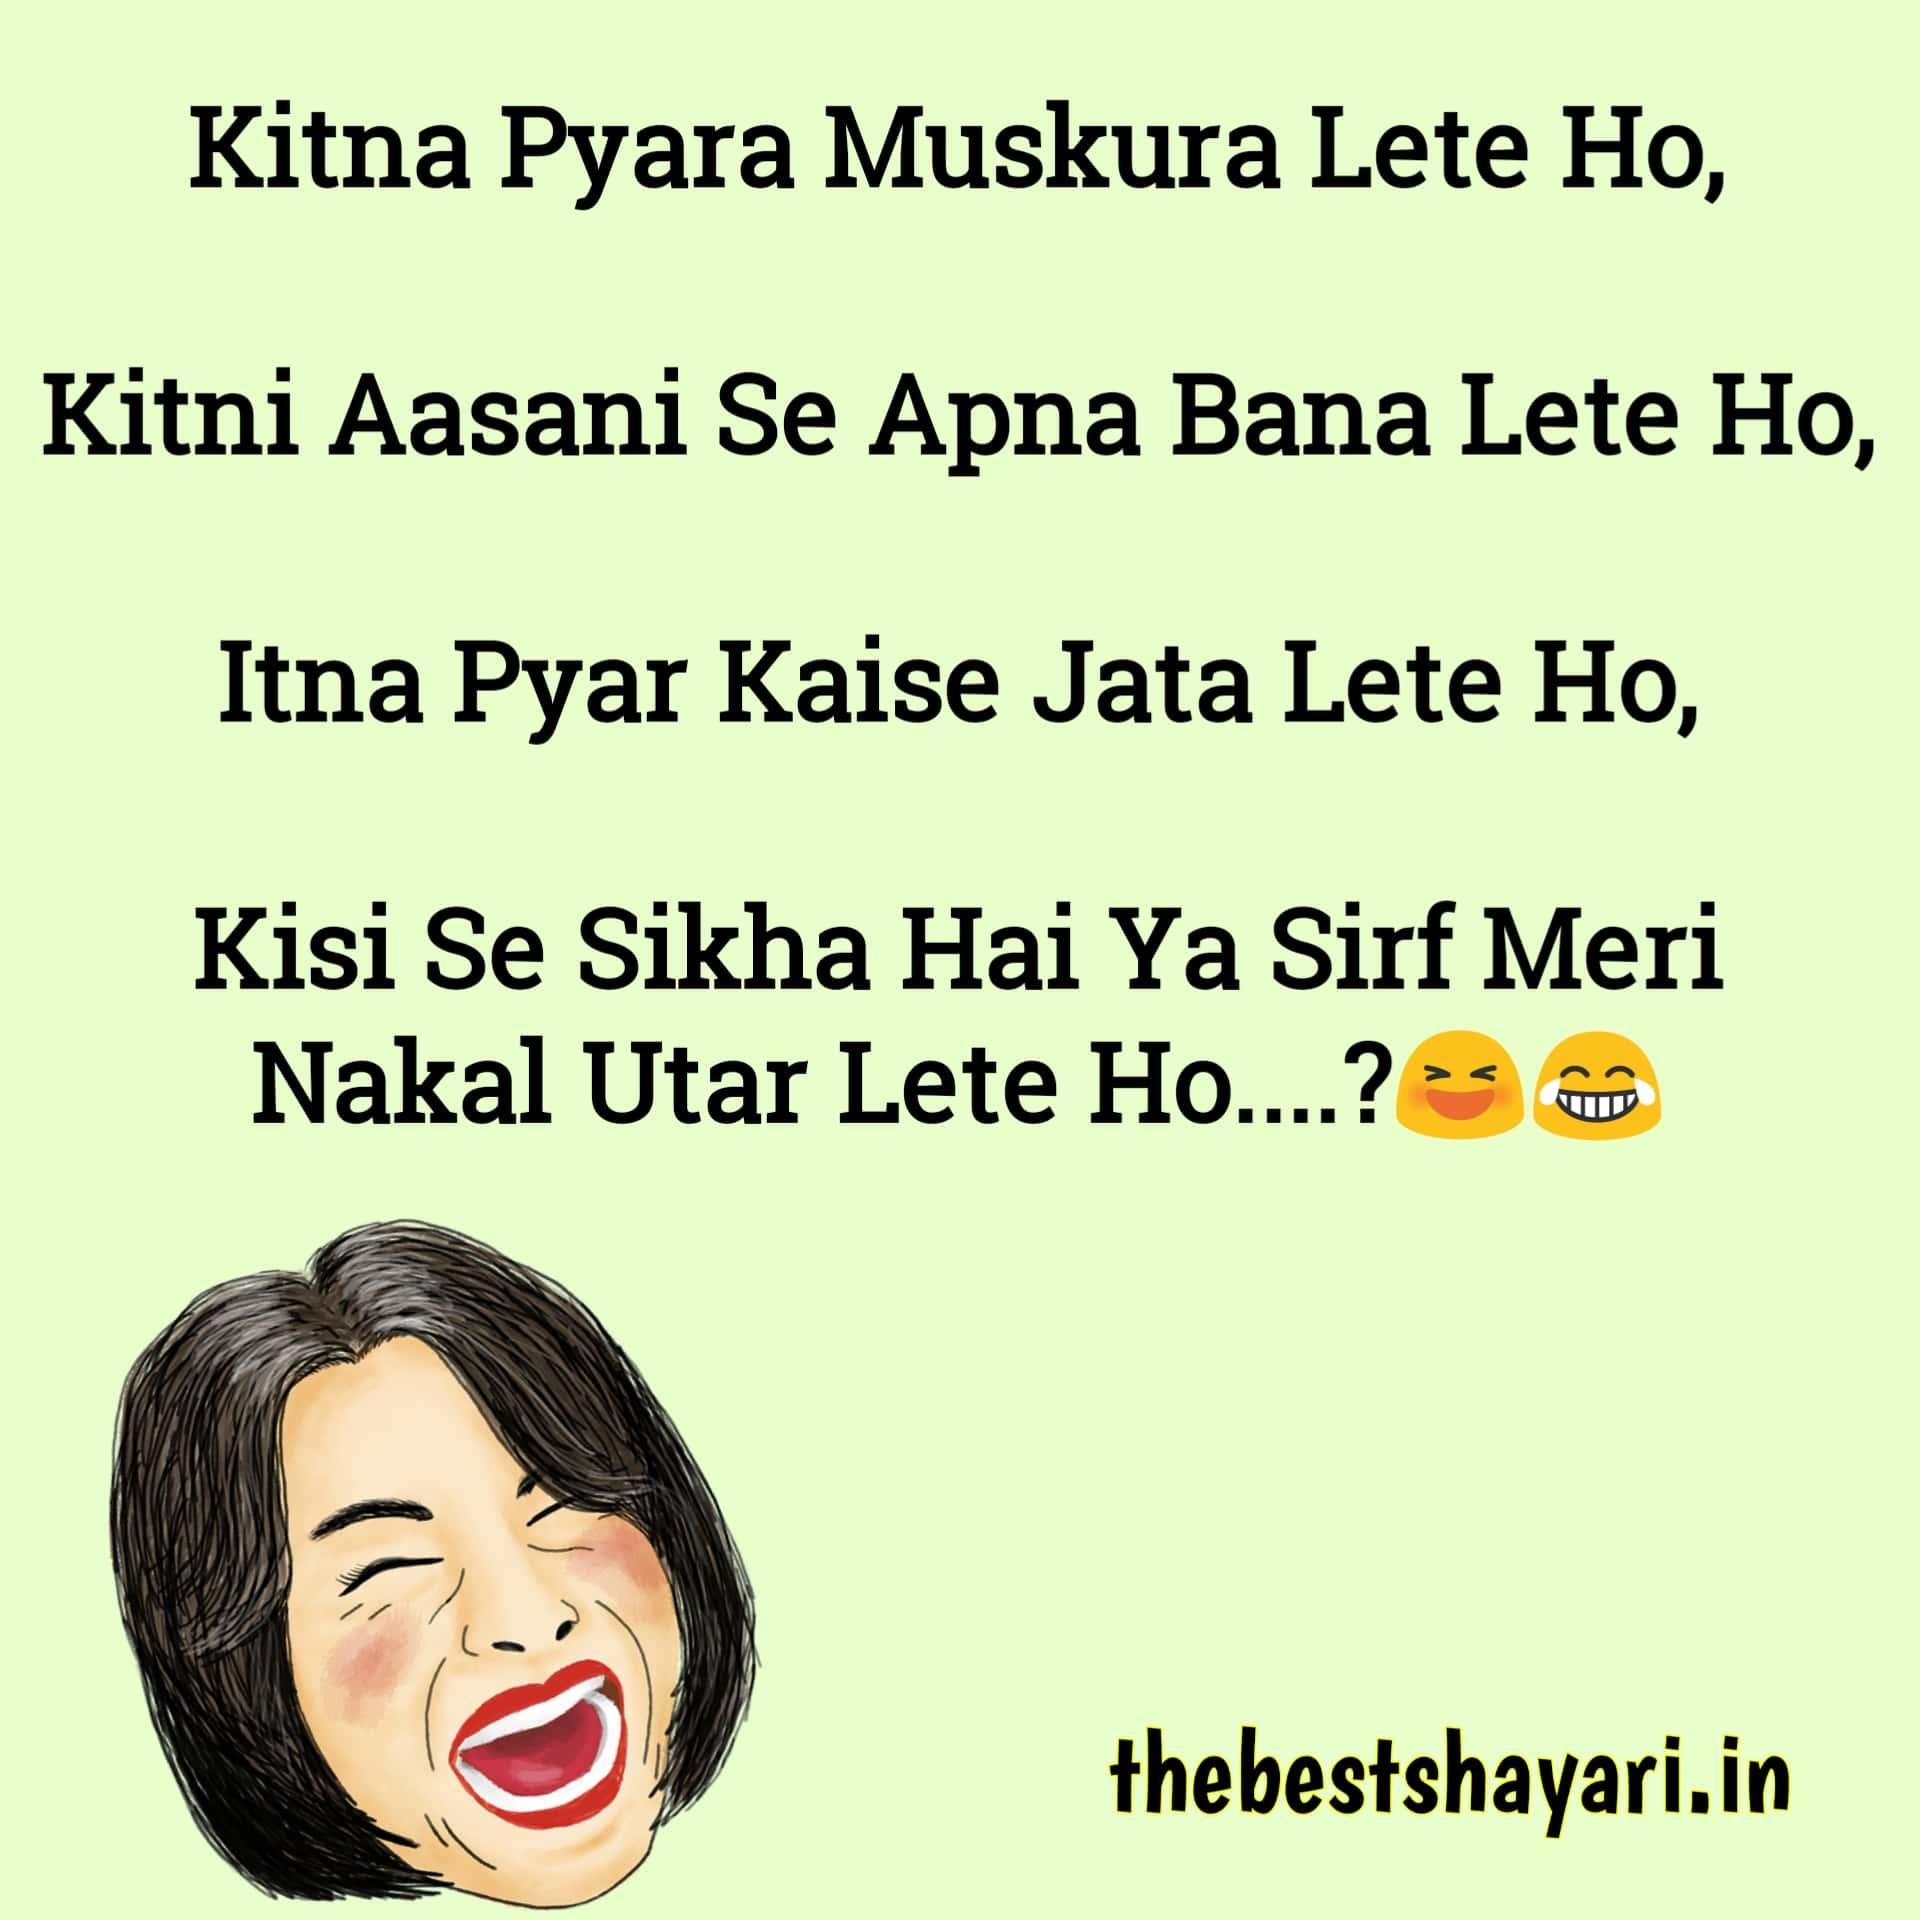 Funny dosti shayari image